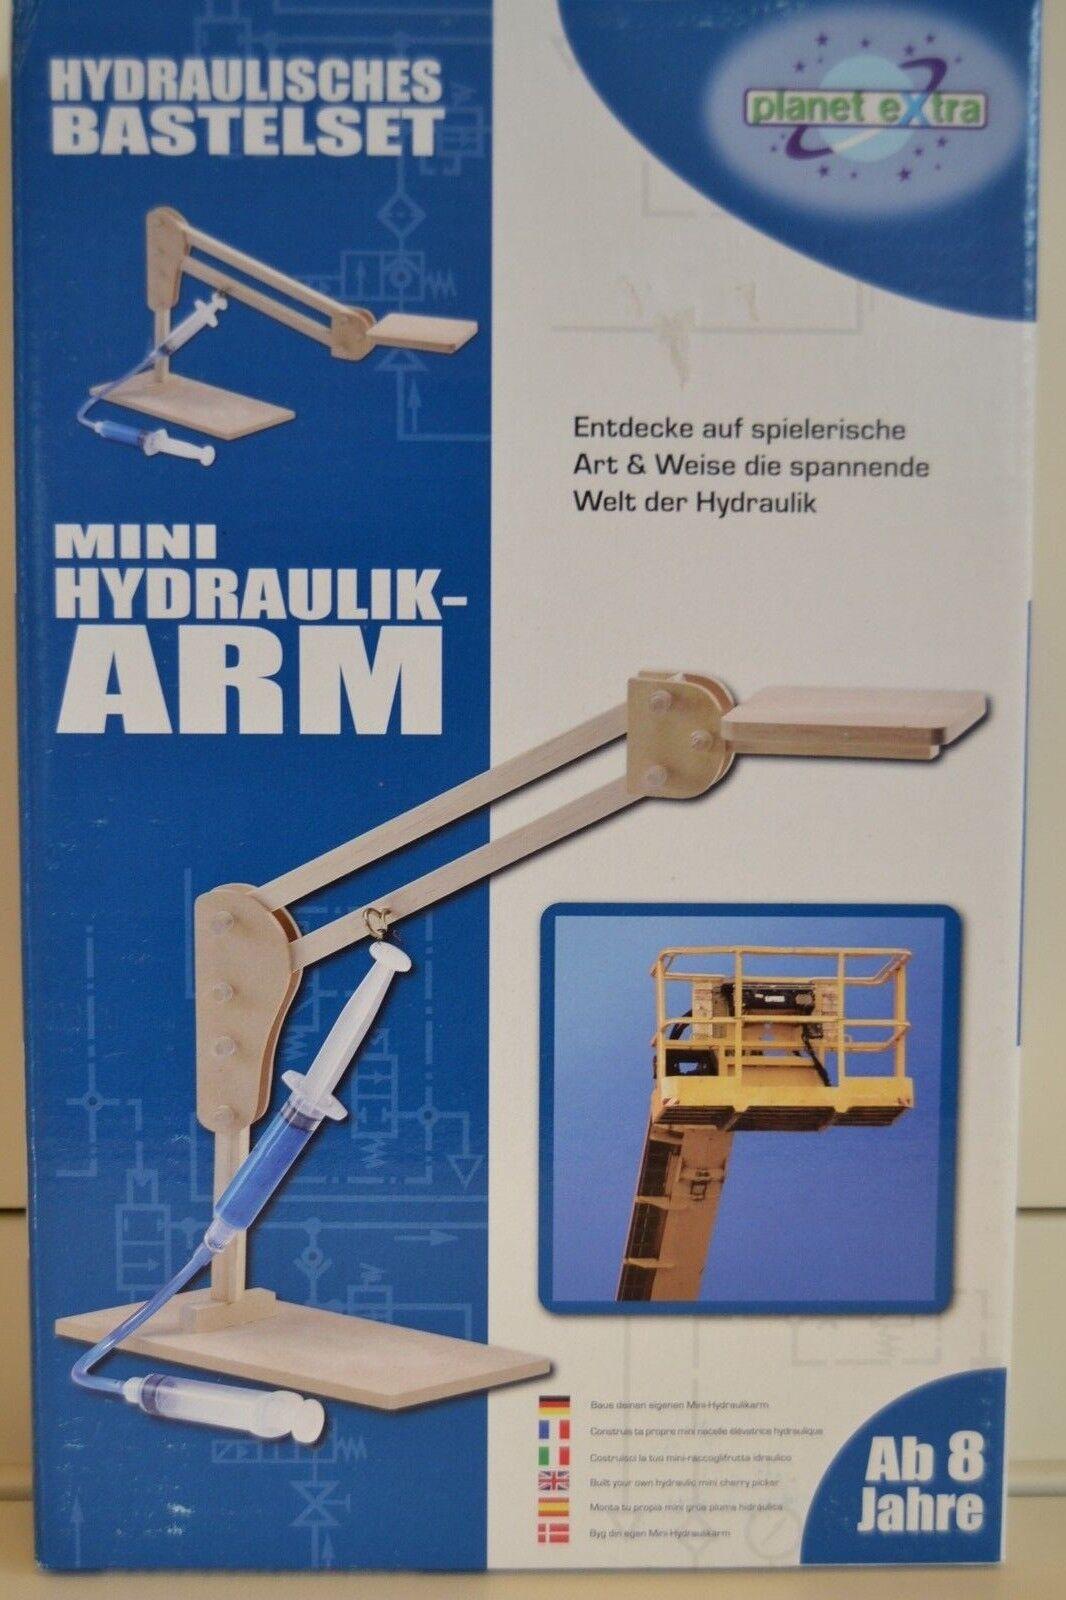 20 x  Hydraulisches Bastelset   Klassensatz   Mini-Hydraulik-Arm      NEU&OVP